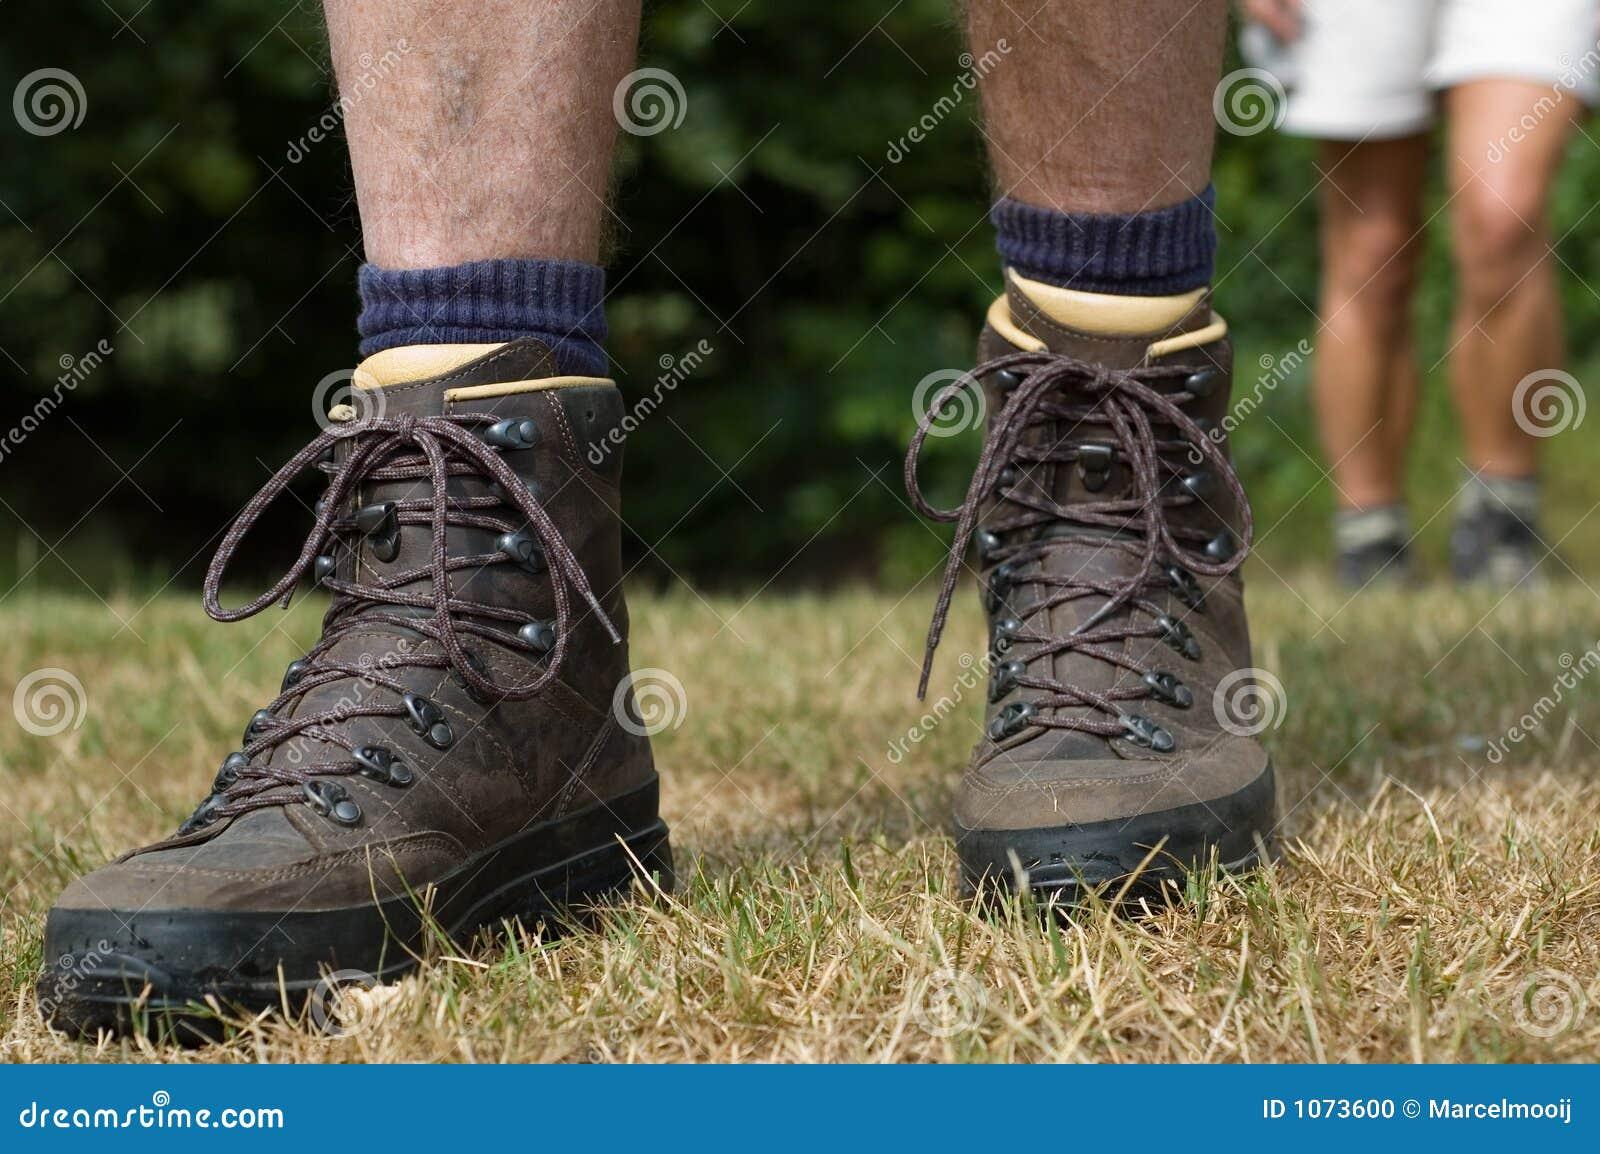 Follow the hiker